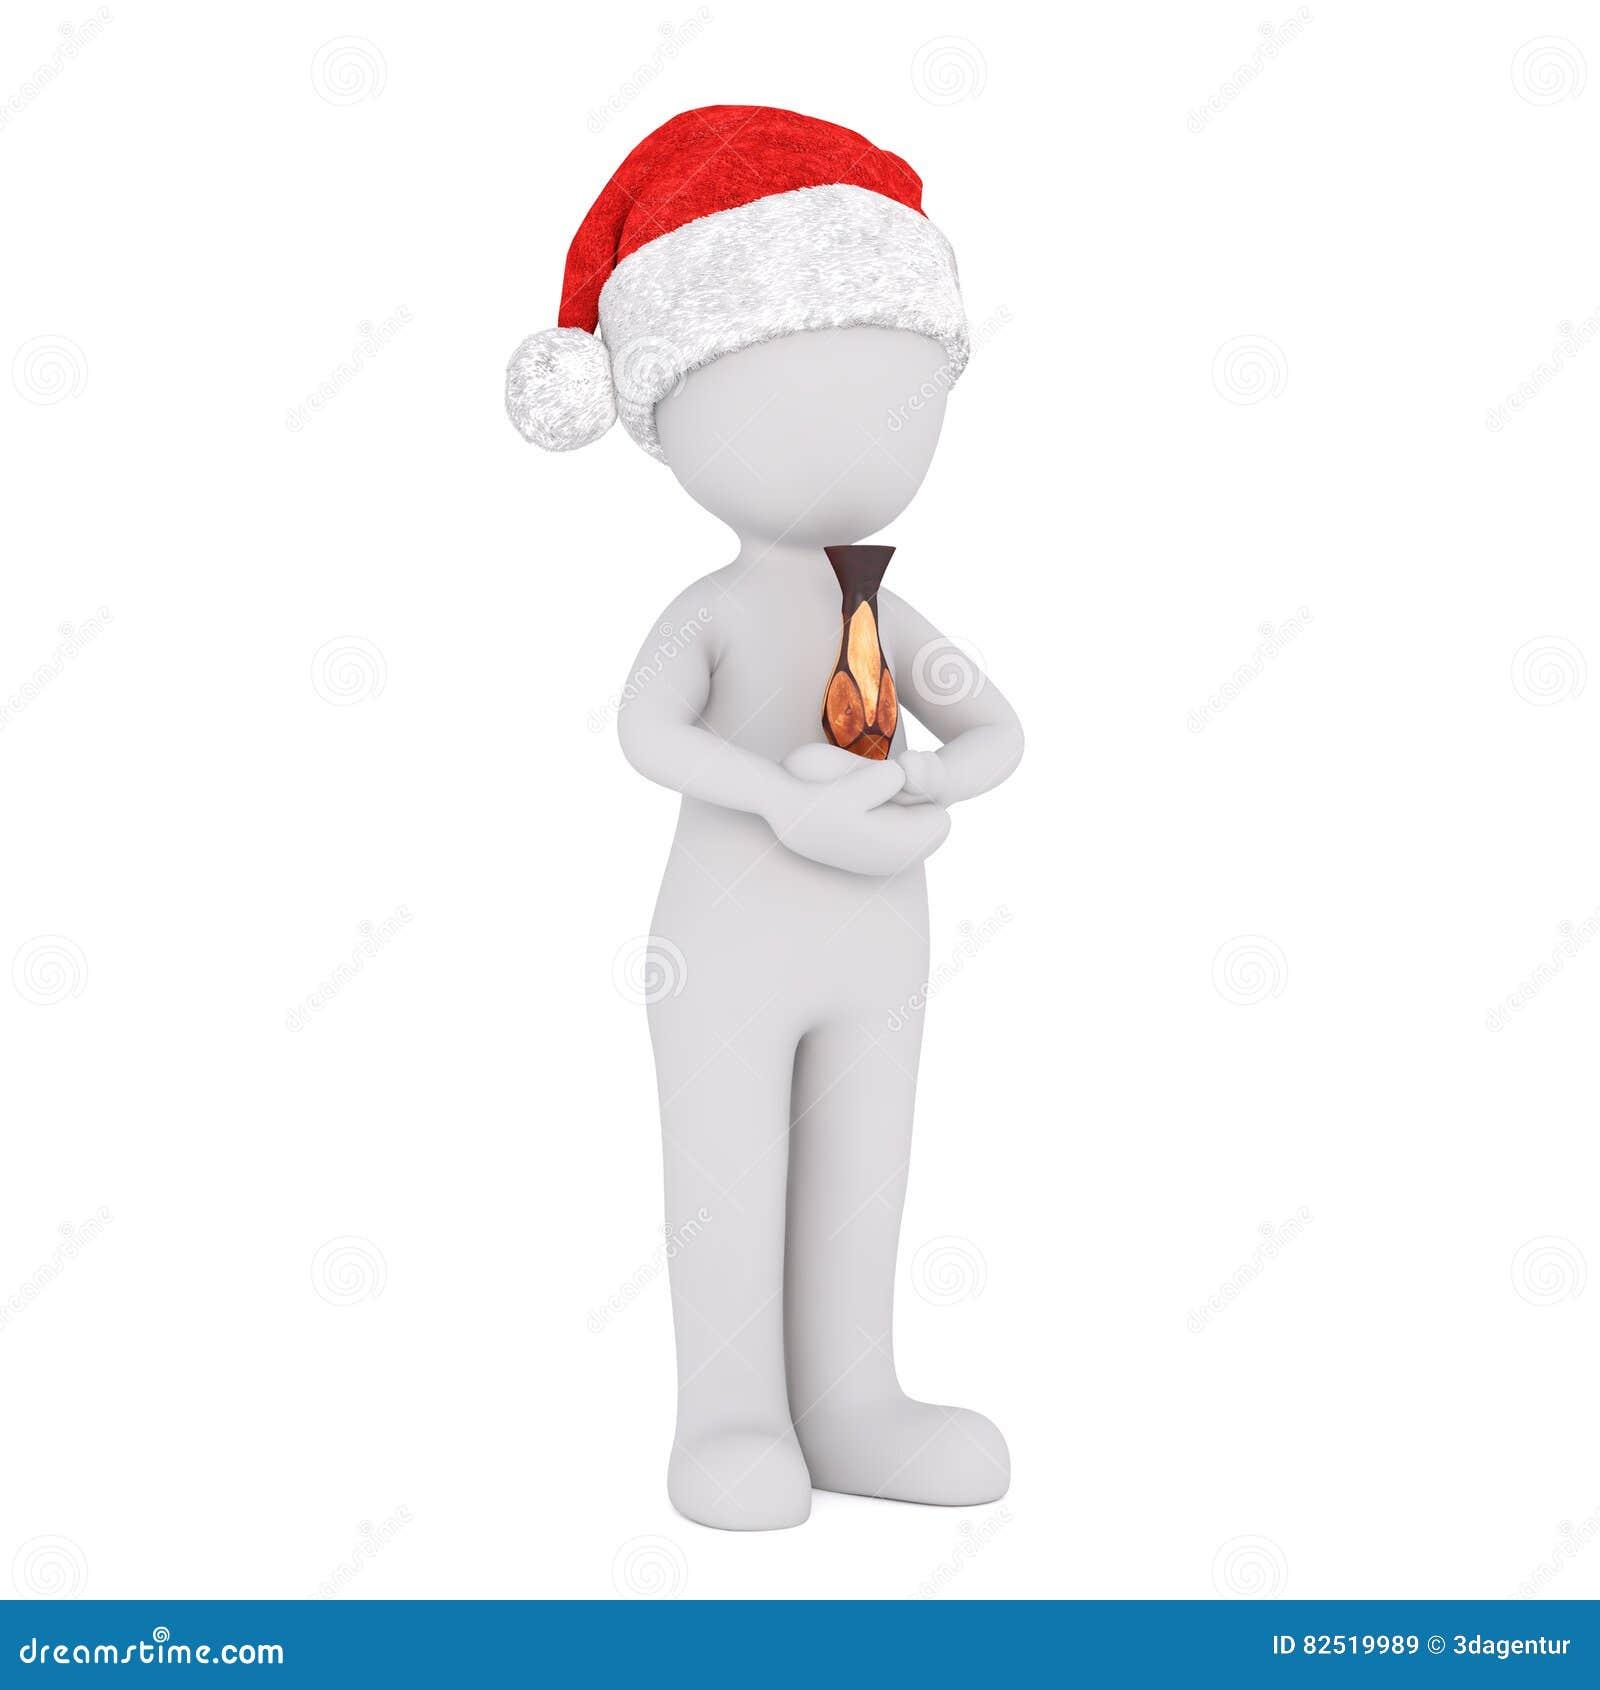 061332646defd Full body 3d toon in Santa hat holding antique vase on white background.  More similar stock illustrations